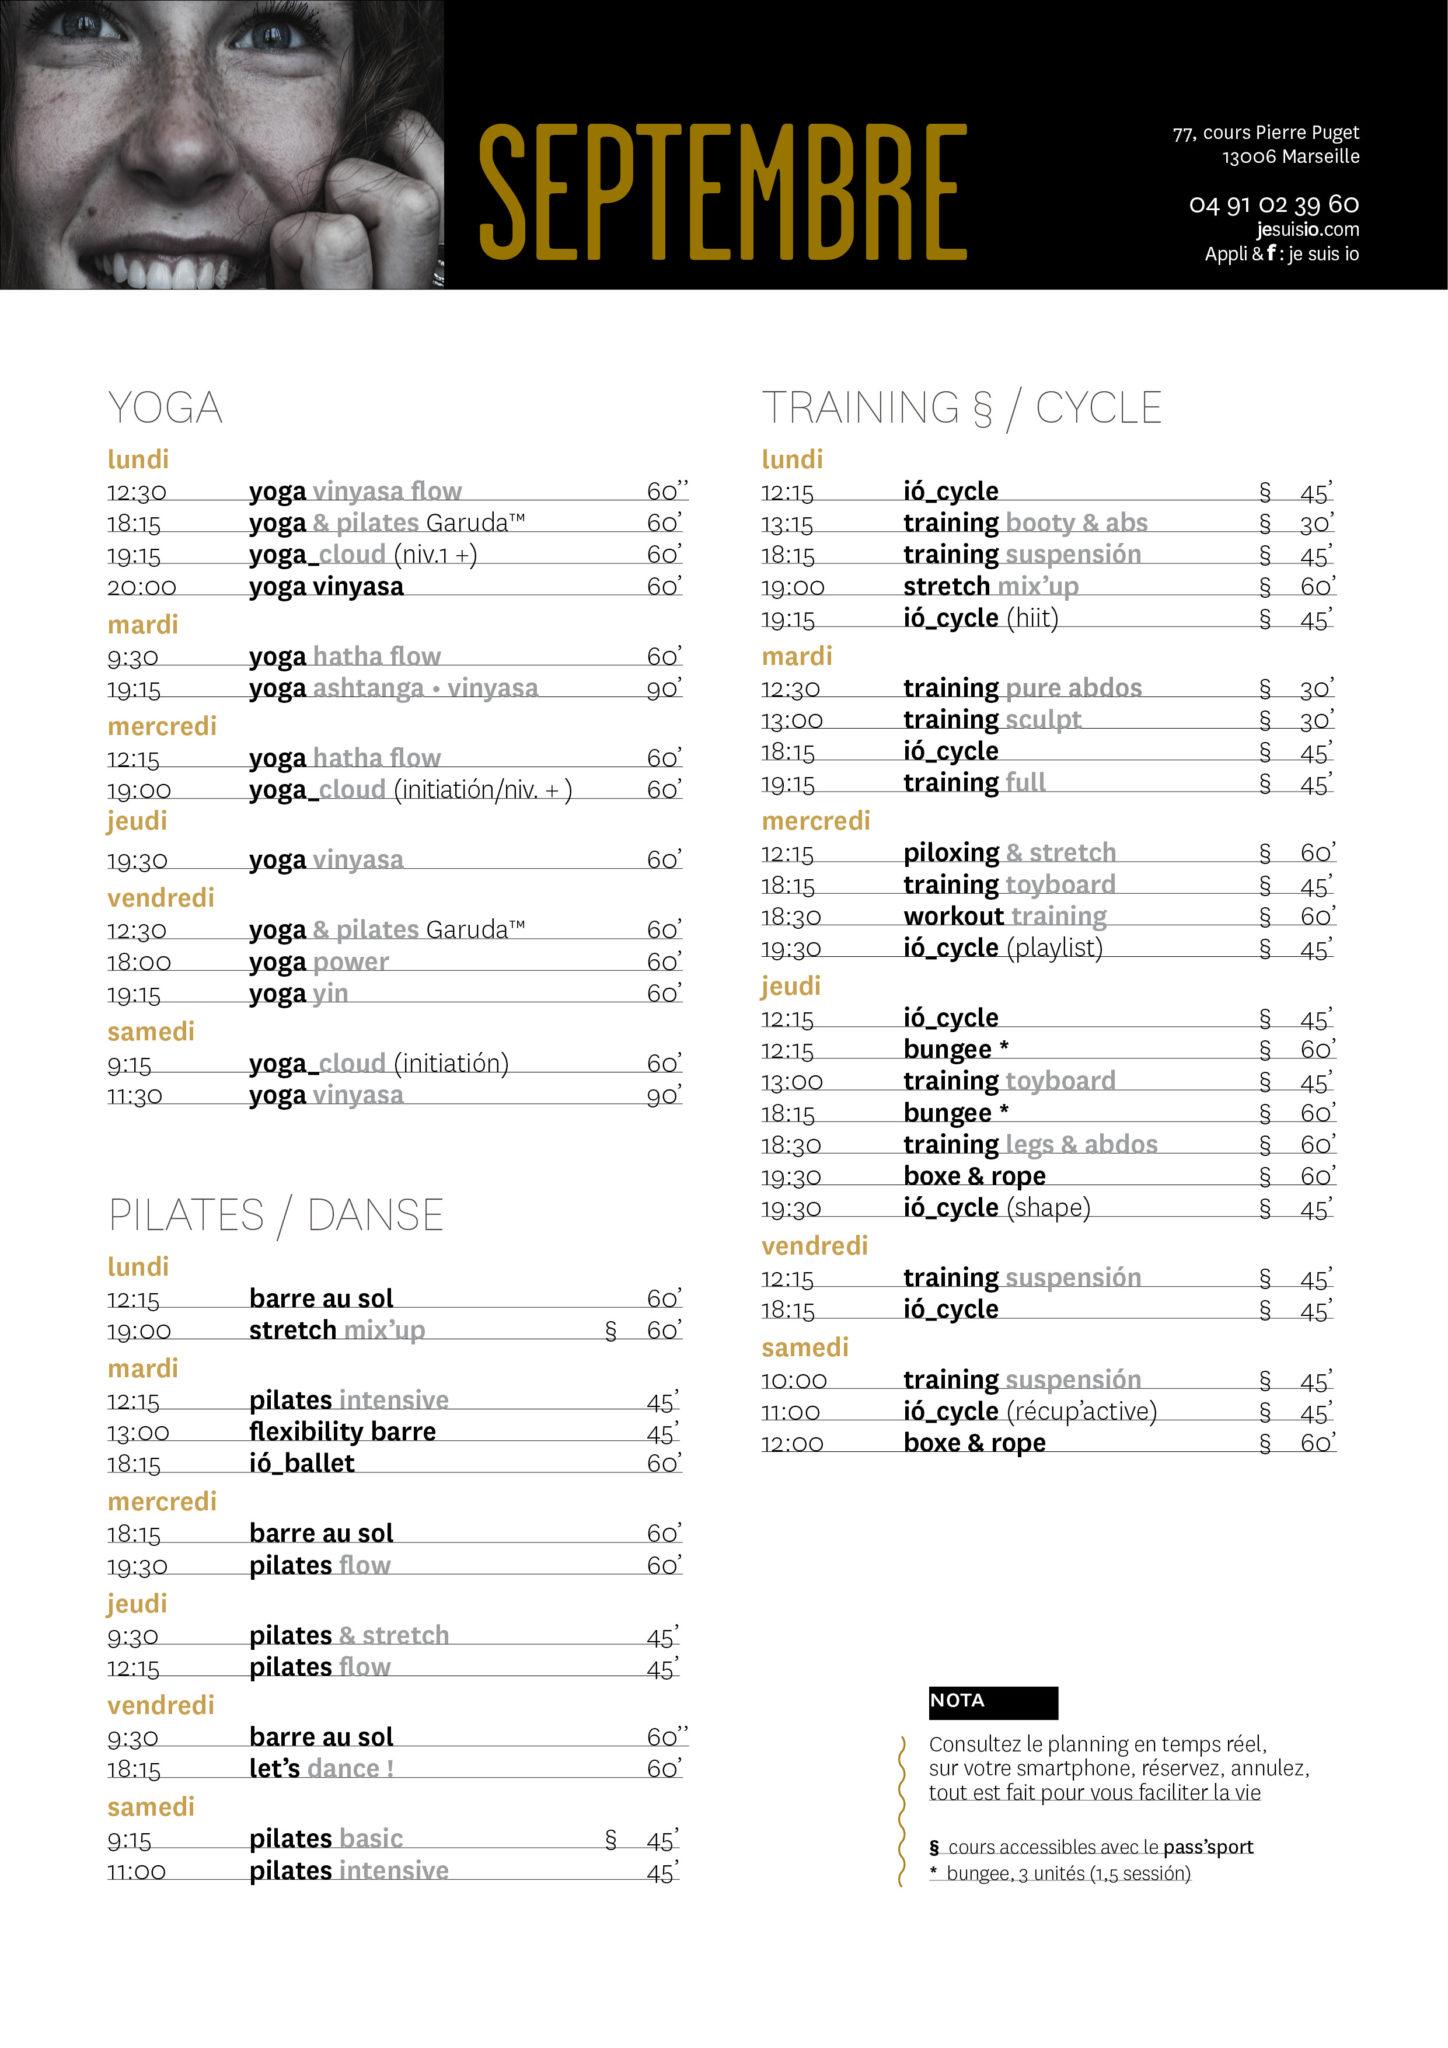 Le planning habdomadaire classé par disciplines : yoga / pilates / danse / training